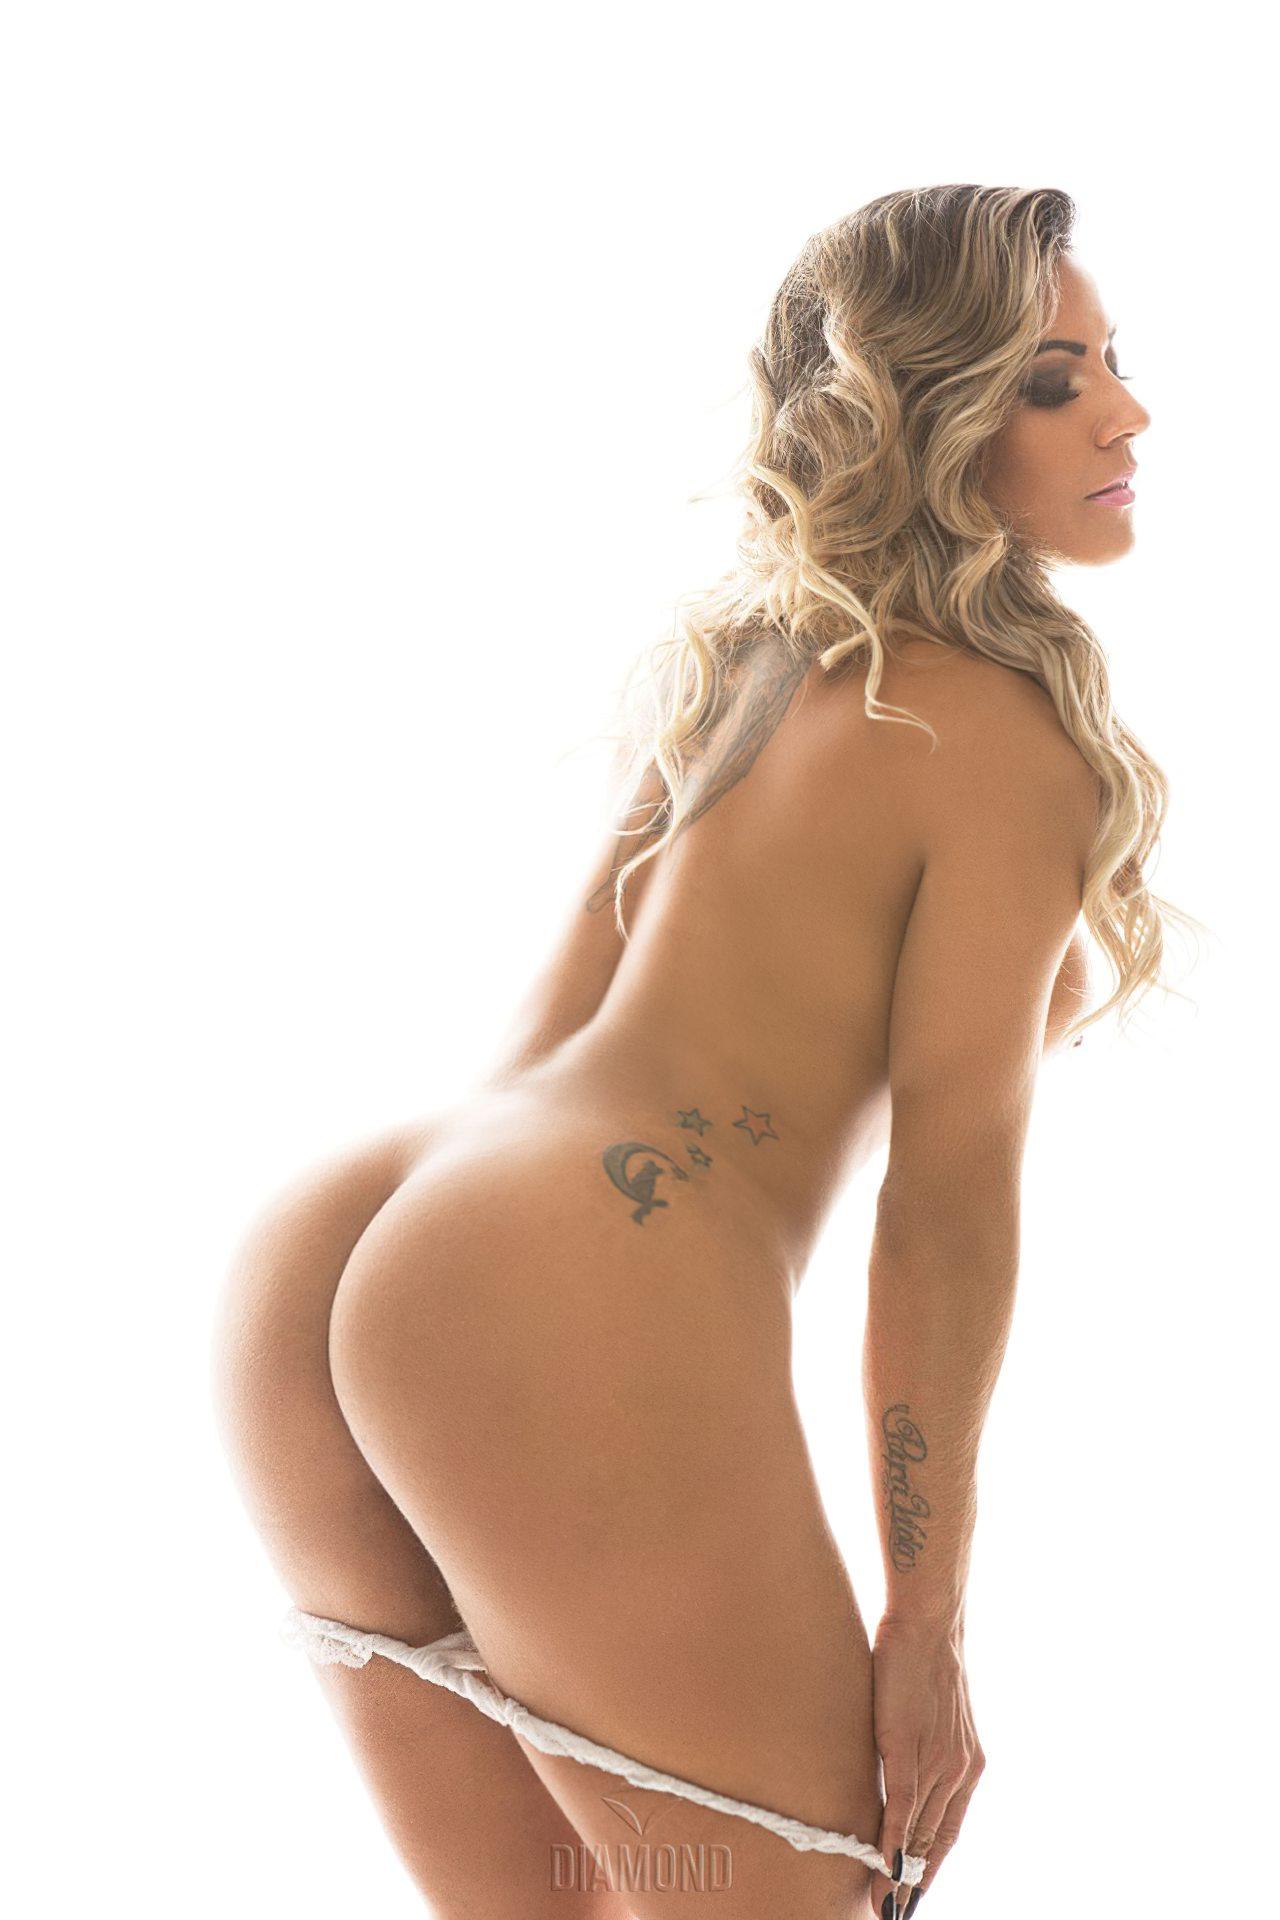 Veronica Araujo Nua (9)